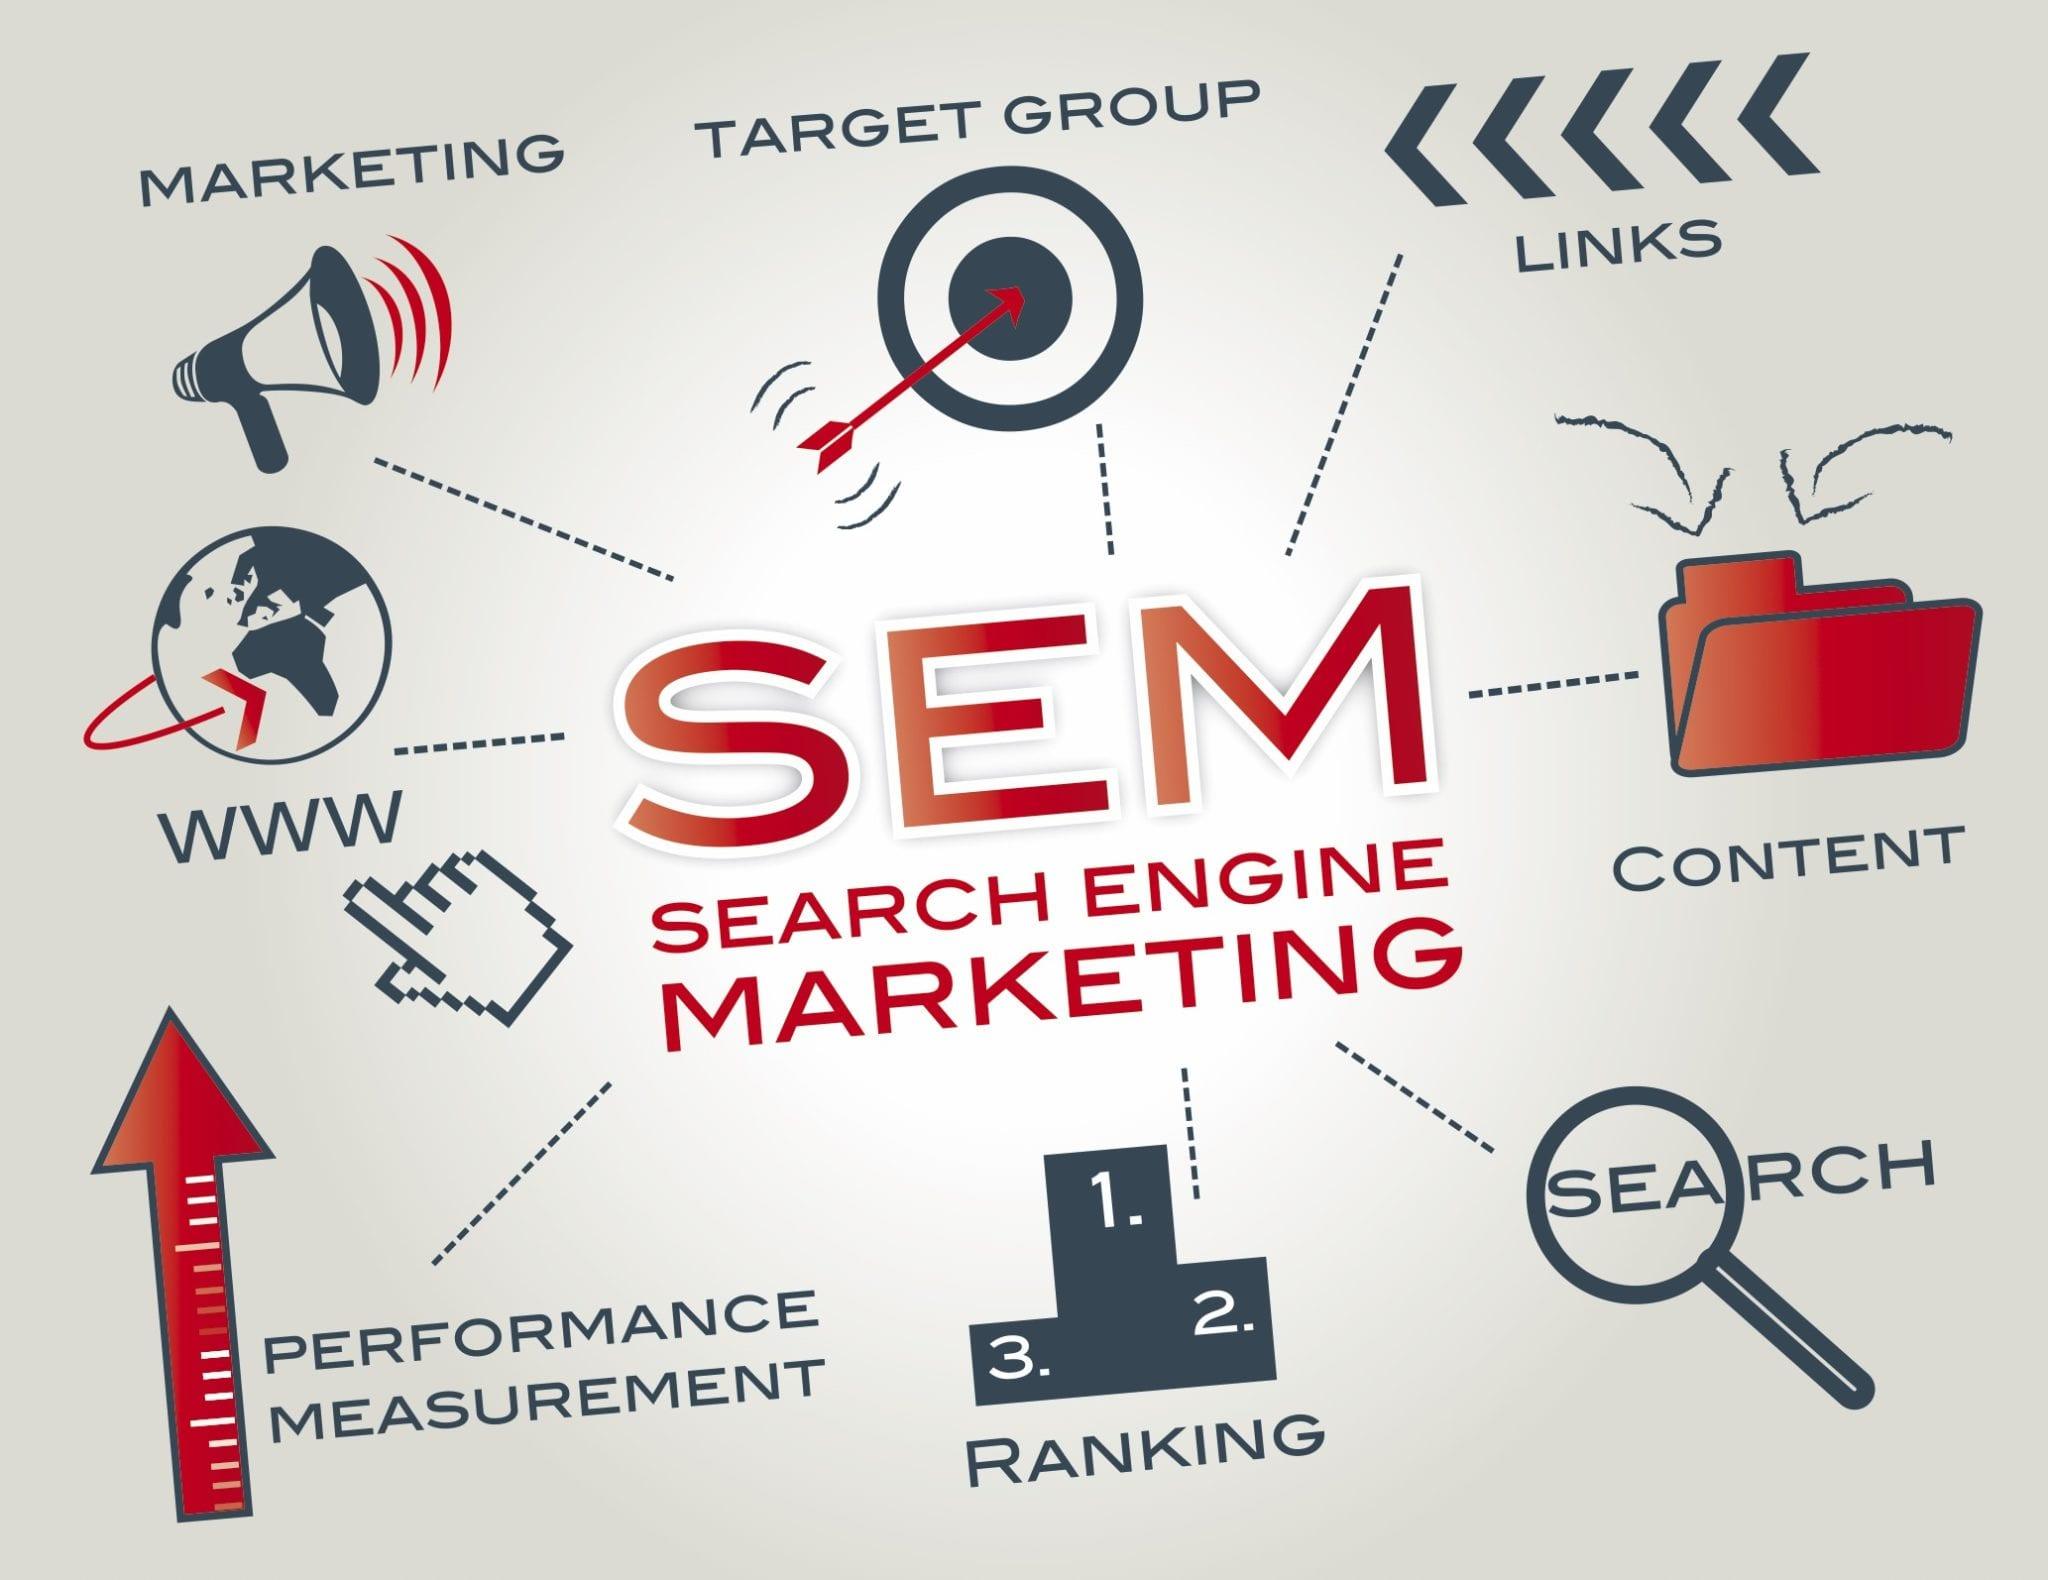 digital marketing career opportunity in SEO EXPERT